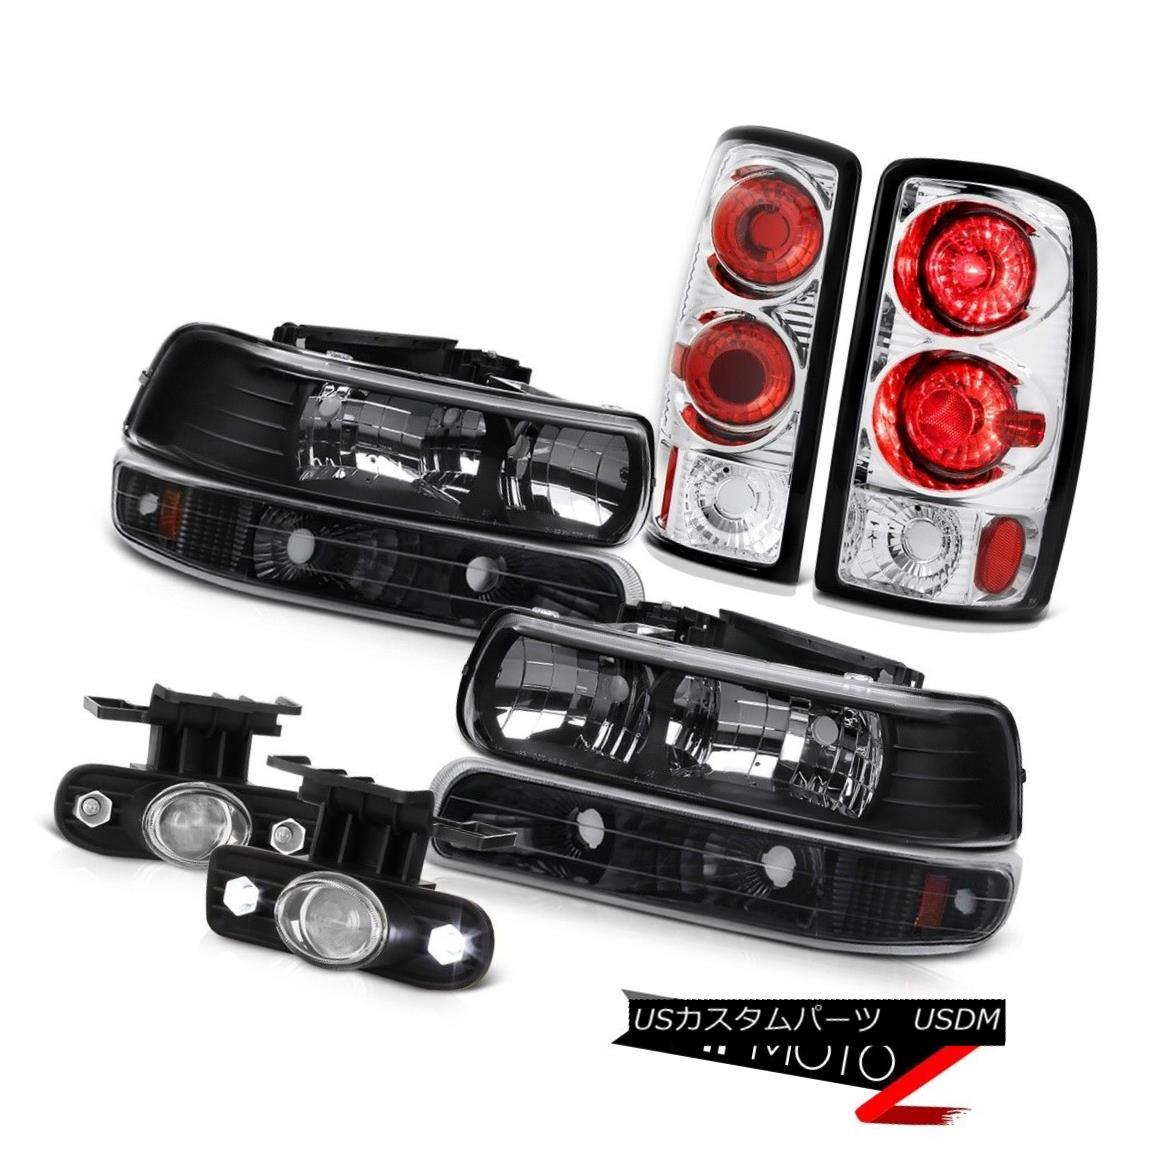 テールライト 00 01 02 03 04 05 06 Suburban Headlight Headlamp Tail Lights Projector Fog Lamps 00 01 02 03 04 05 06郊外ヘッドライトヘッドランプテールライトプロジェクターフォグランプ